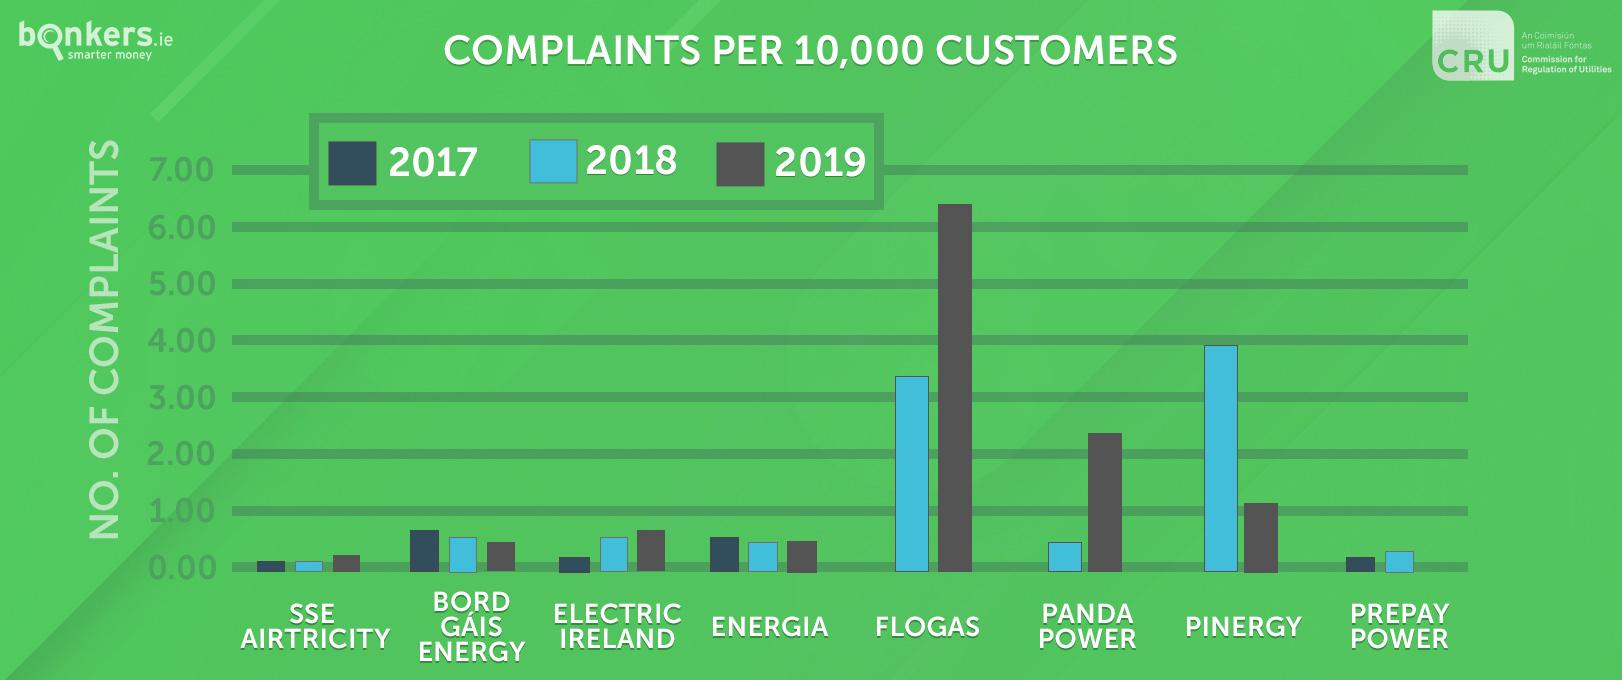 complaints per customer